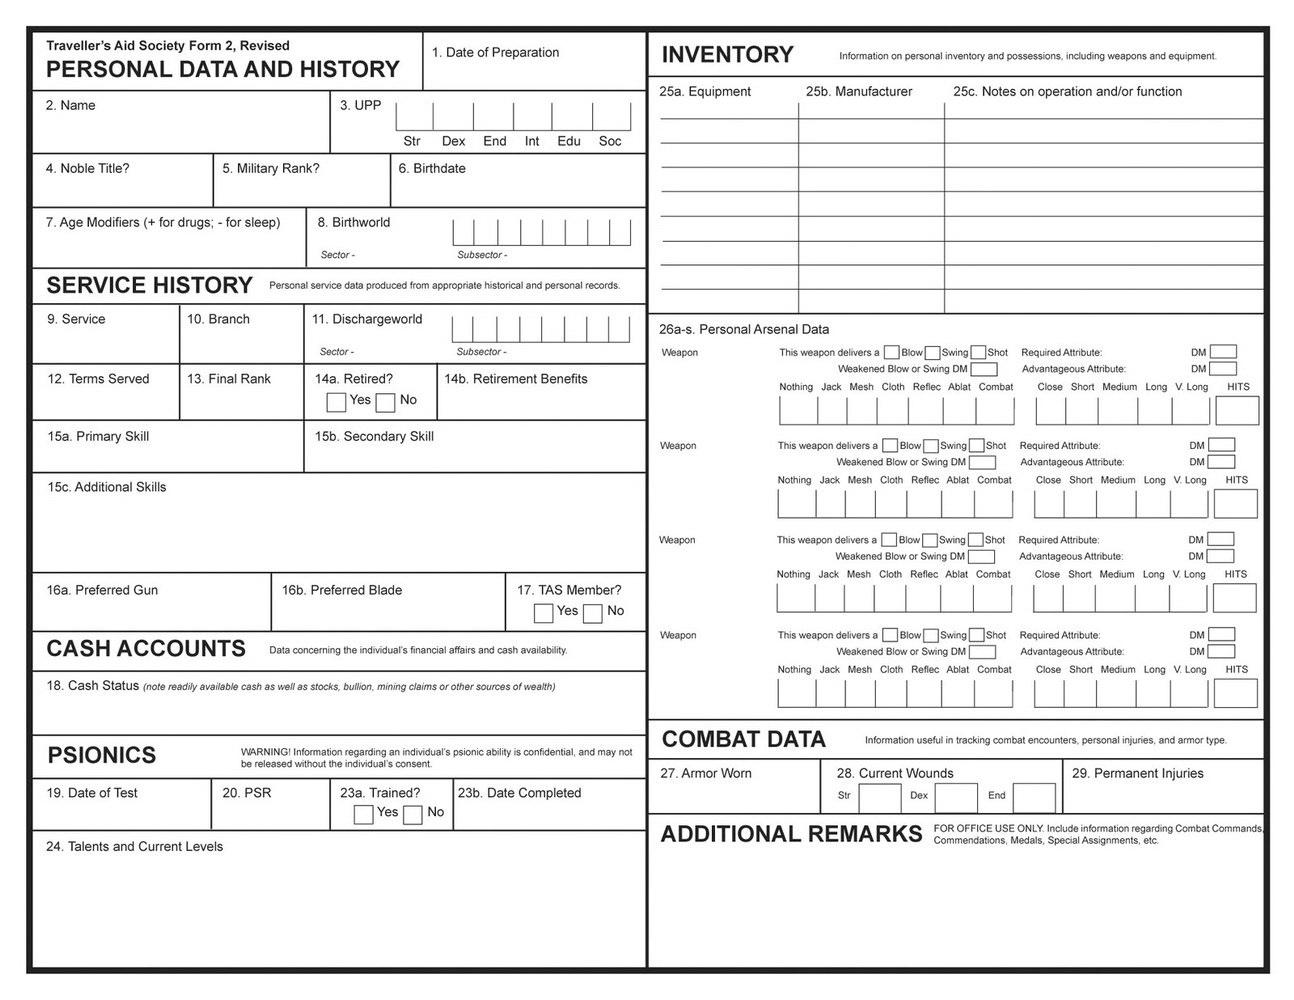 Ach Authorization Form Wells Fargo | Universal Network